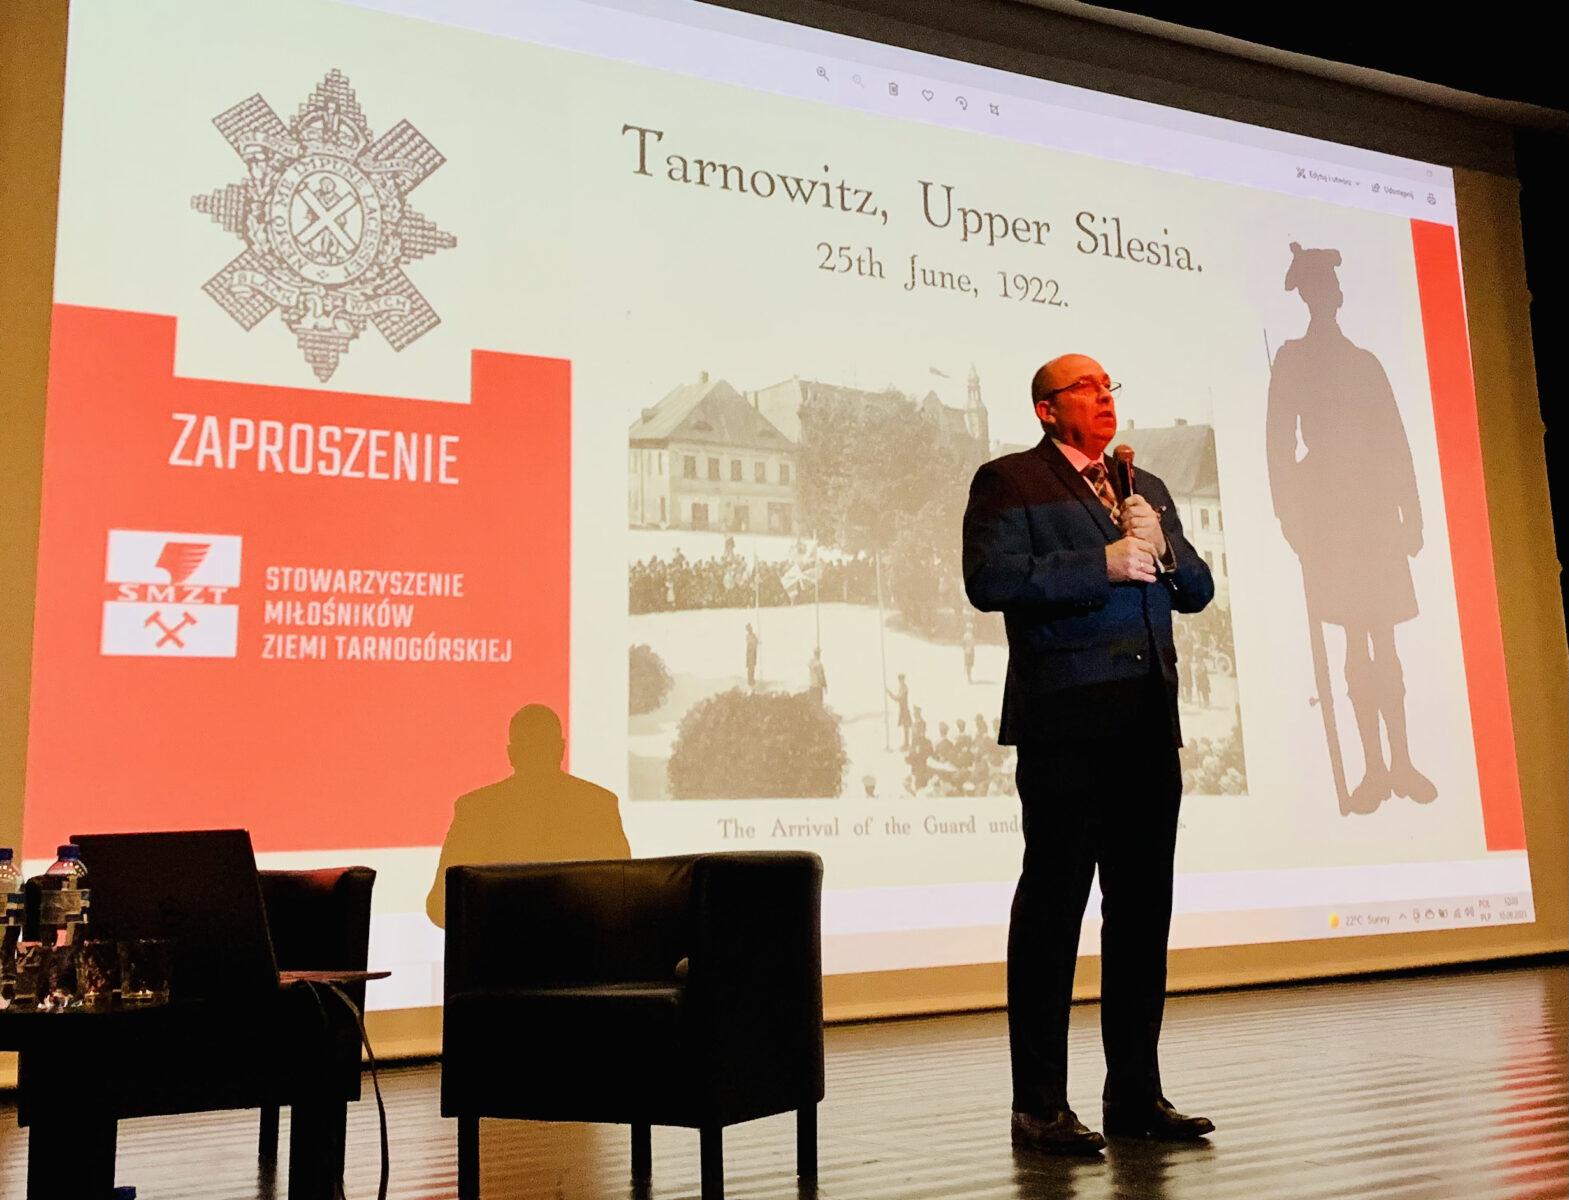 Na scenie Zbigniew Pawlak z prezentacją w tle.